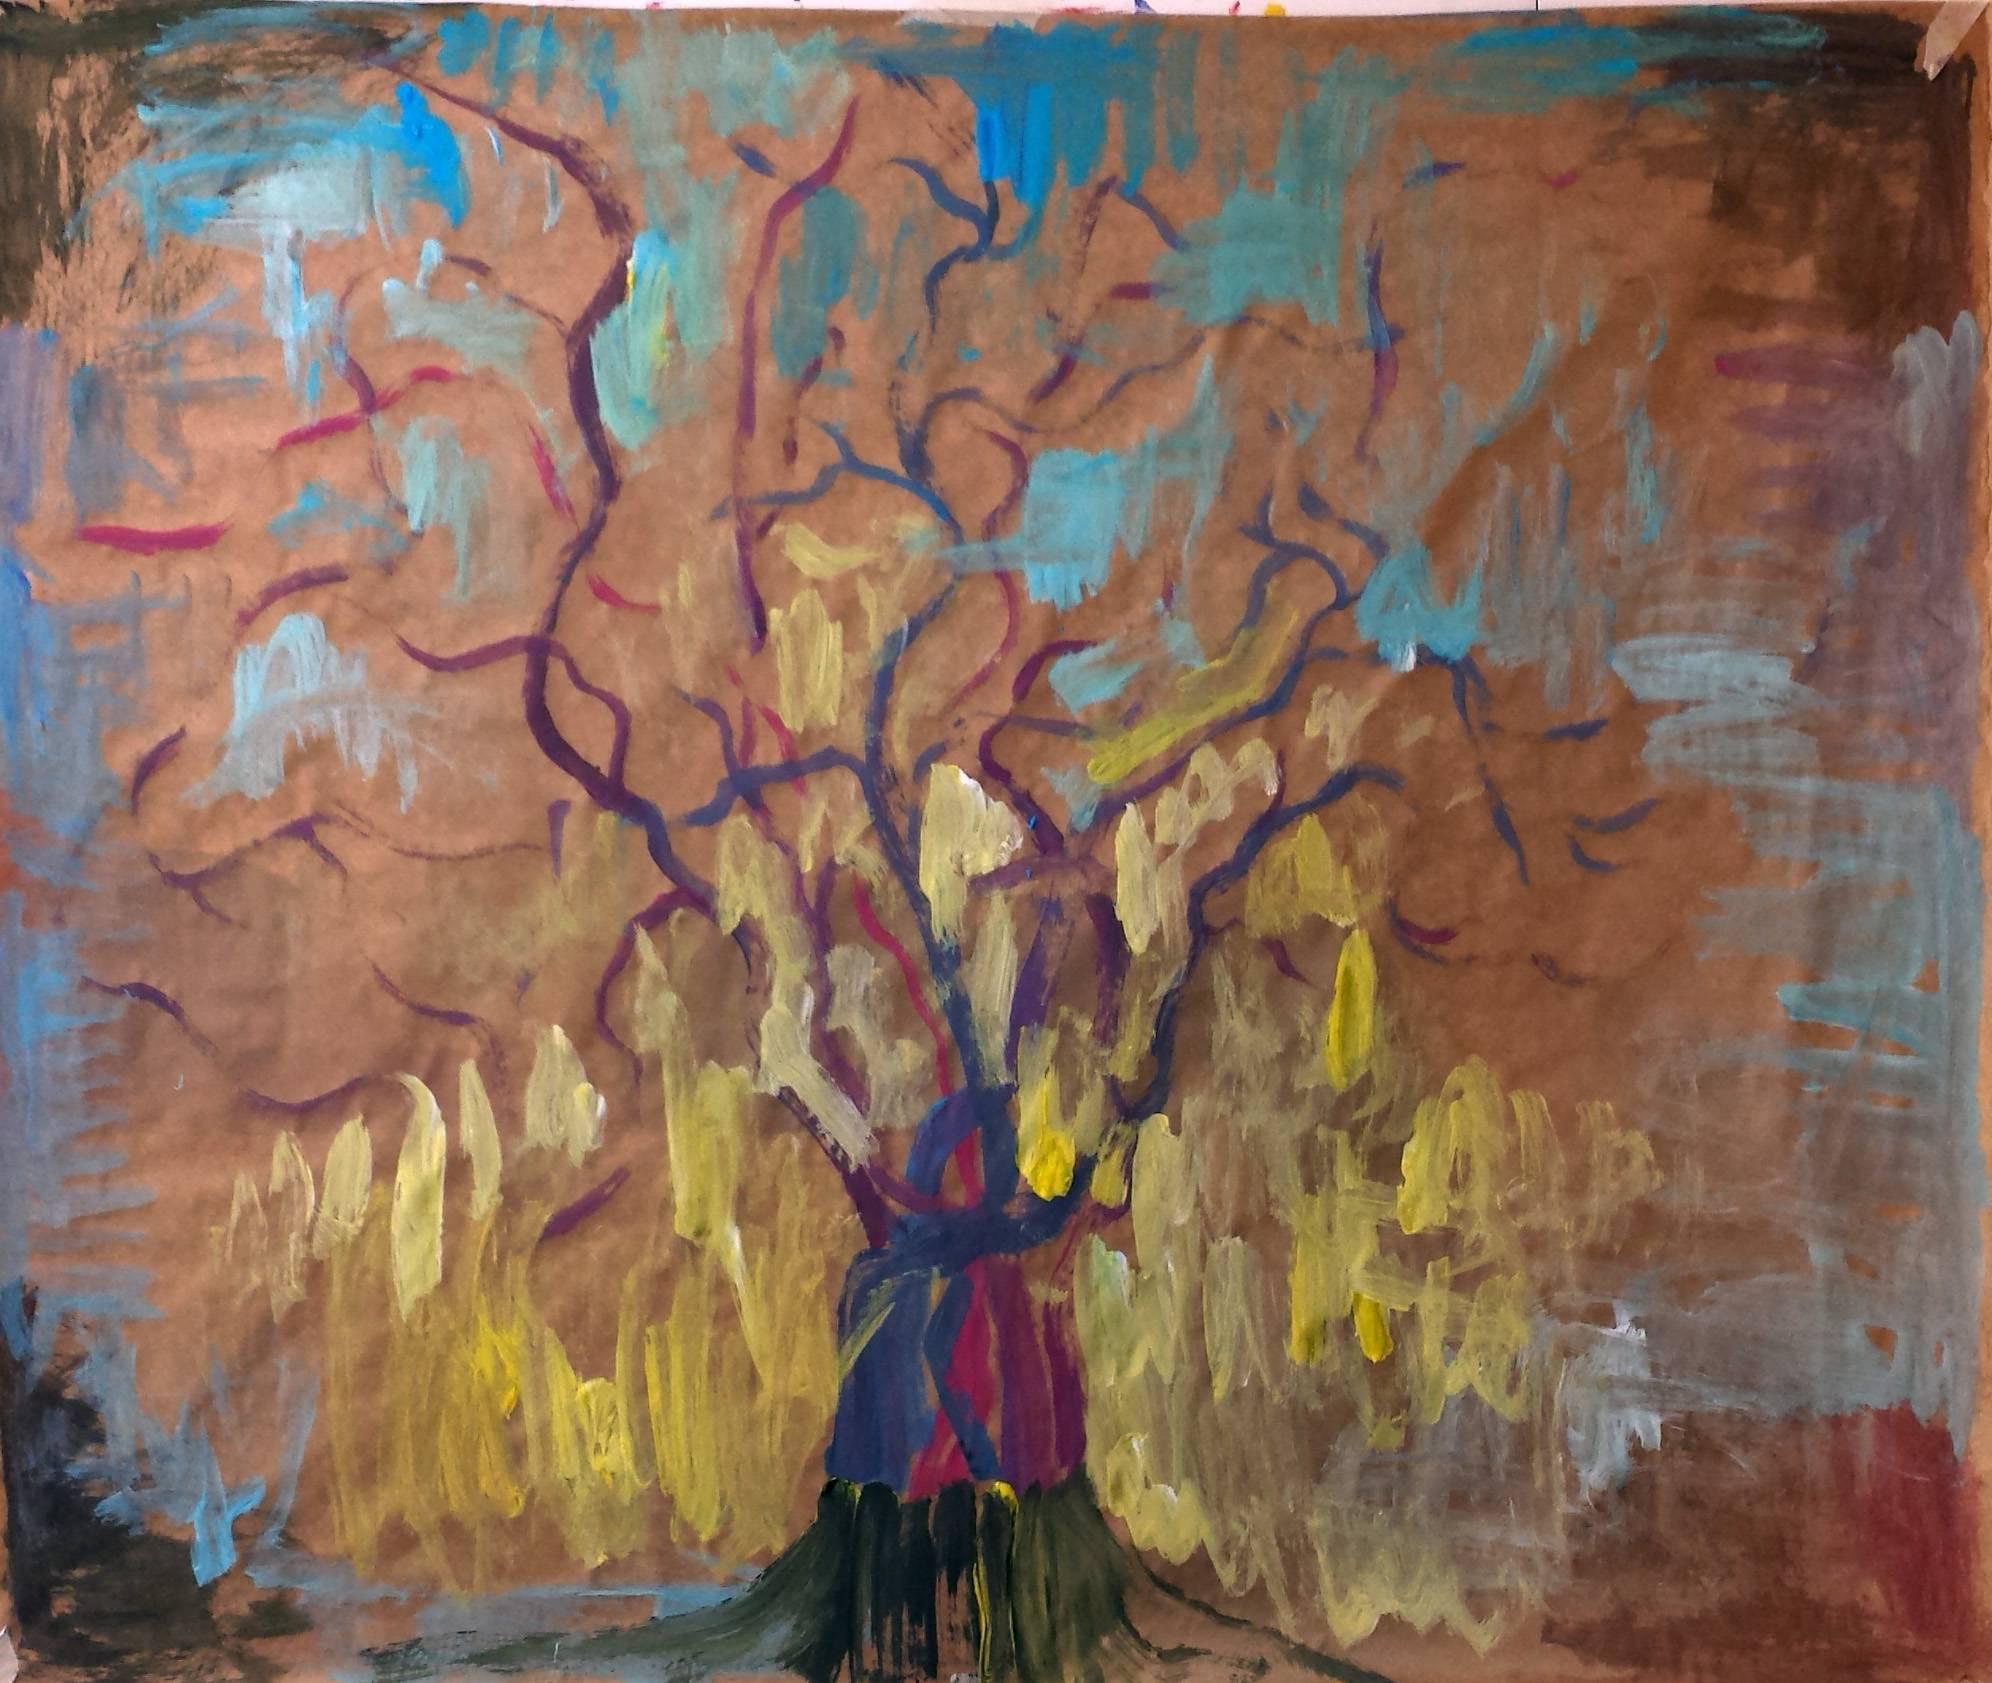 Baraka árbol pintado